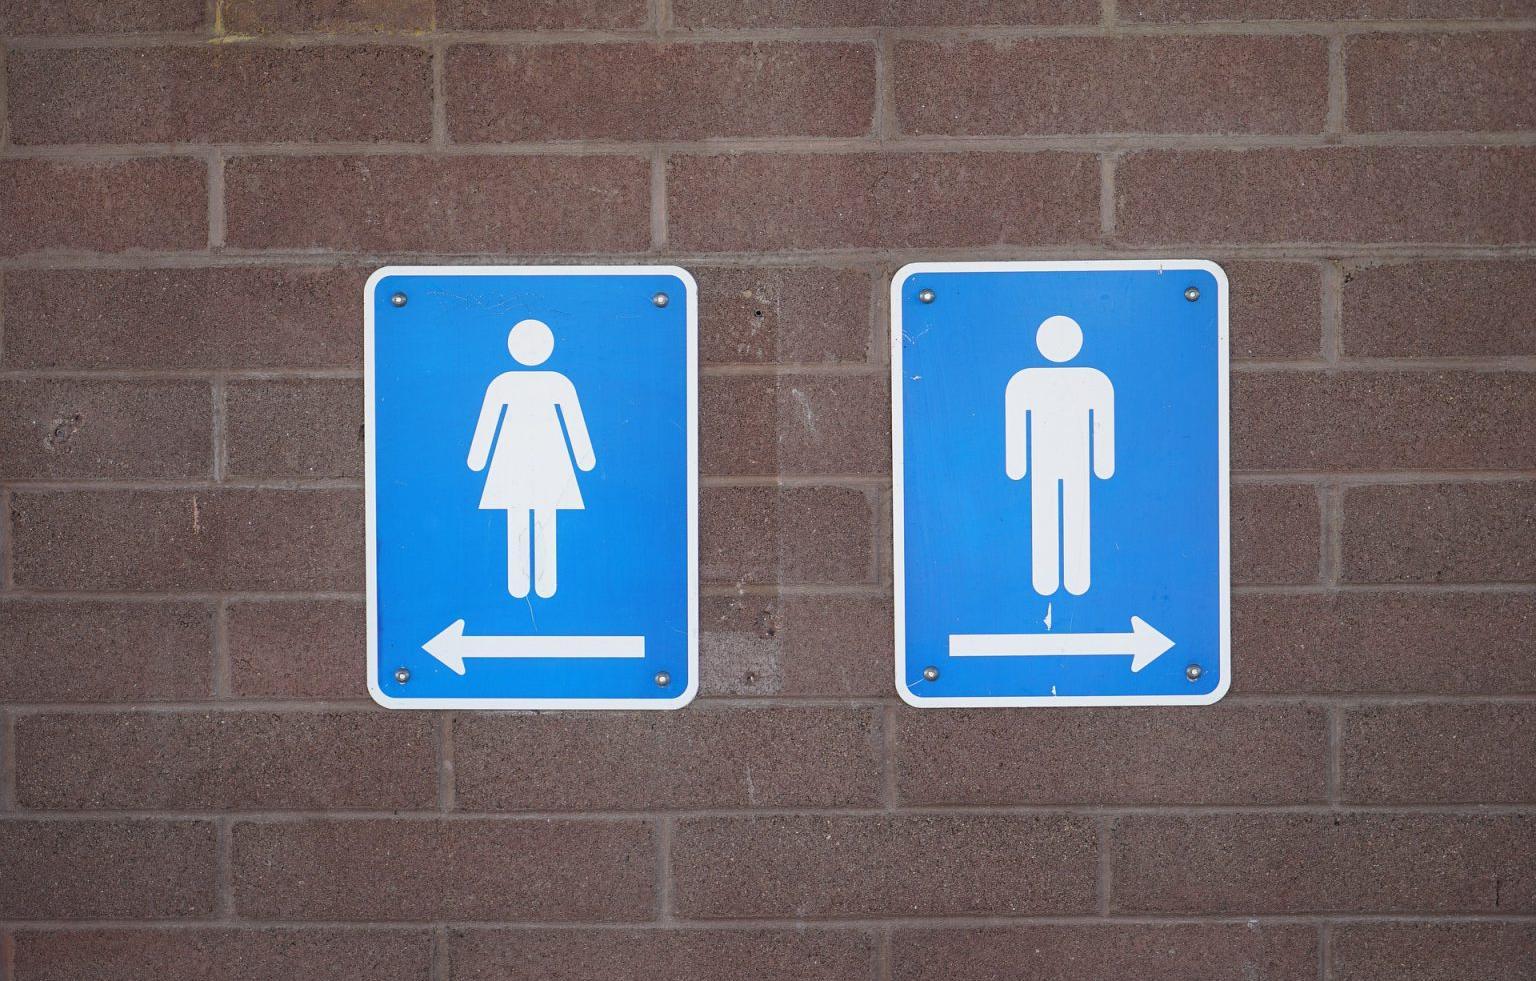 В Тверской области потратят полмиллиона рублей на уличный туалет - новости Афанасий